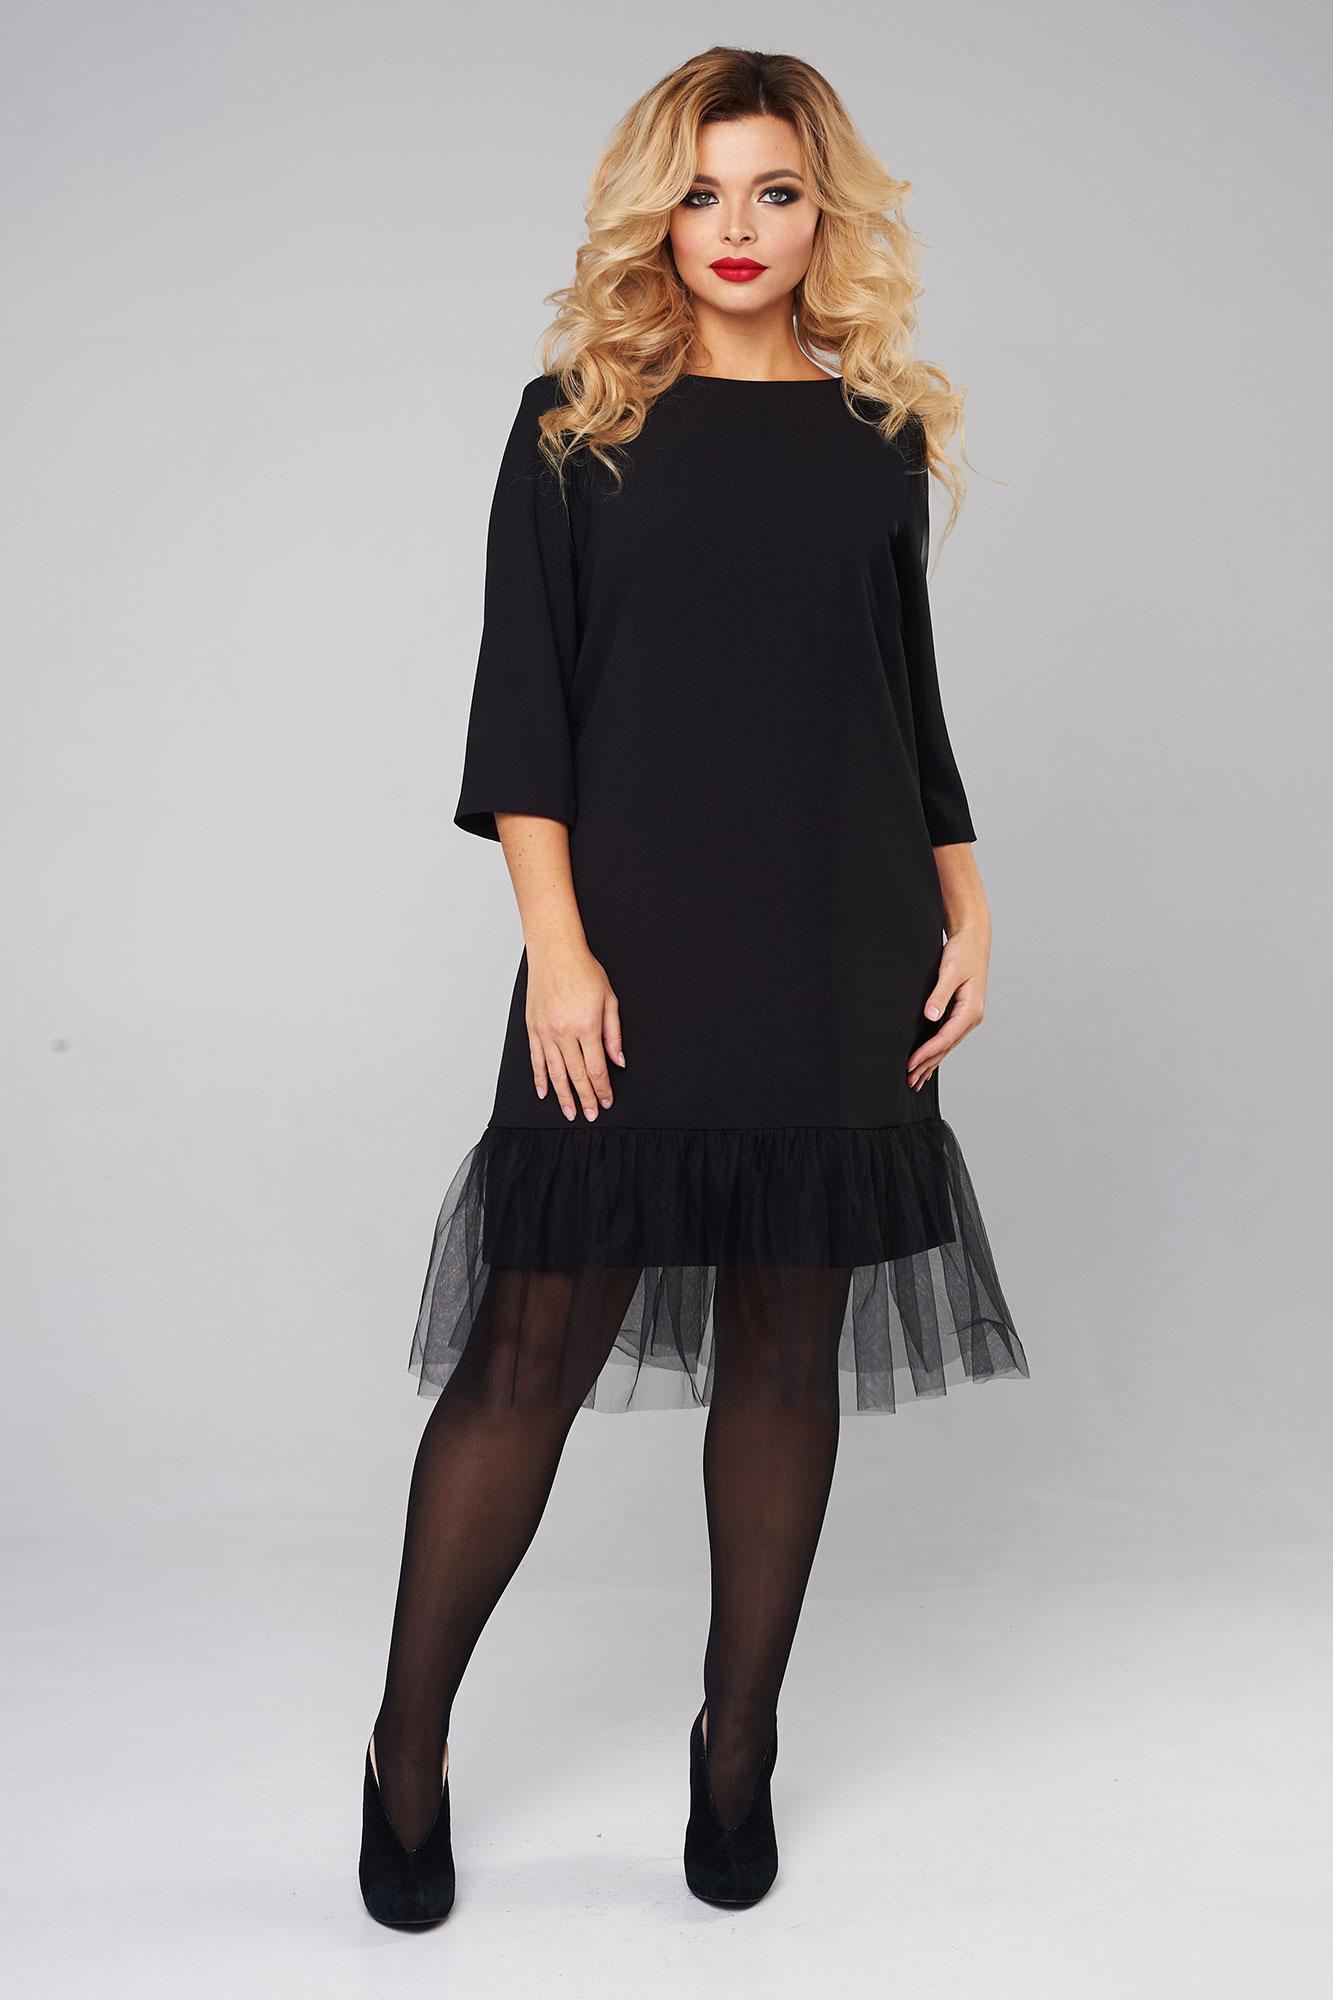 Платья Платье с воздушным воланом 2040 f3ece5e81184d0285afa42ef36558213.jpg